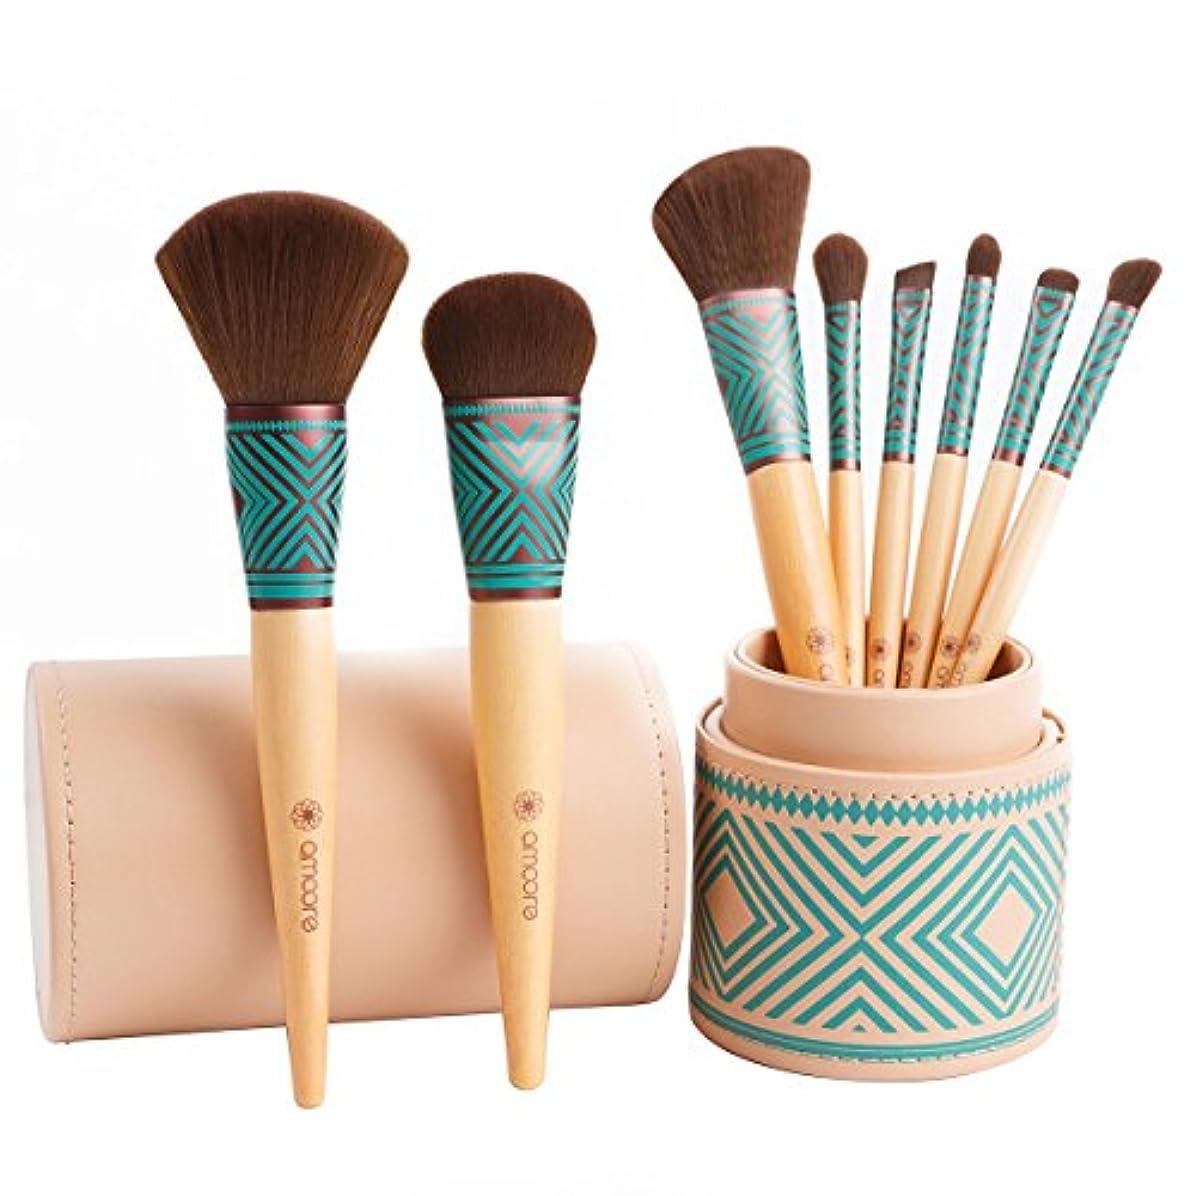 作成者こねる懐疑的amoore 8本 化粧筆 メイクブラシセット 化粧ブラシ セット コスメ ブラシ 収納ケース付き